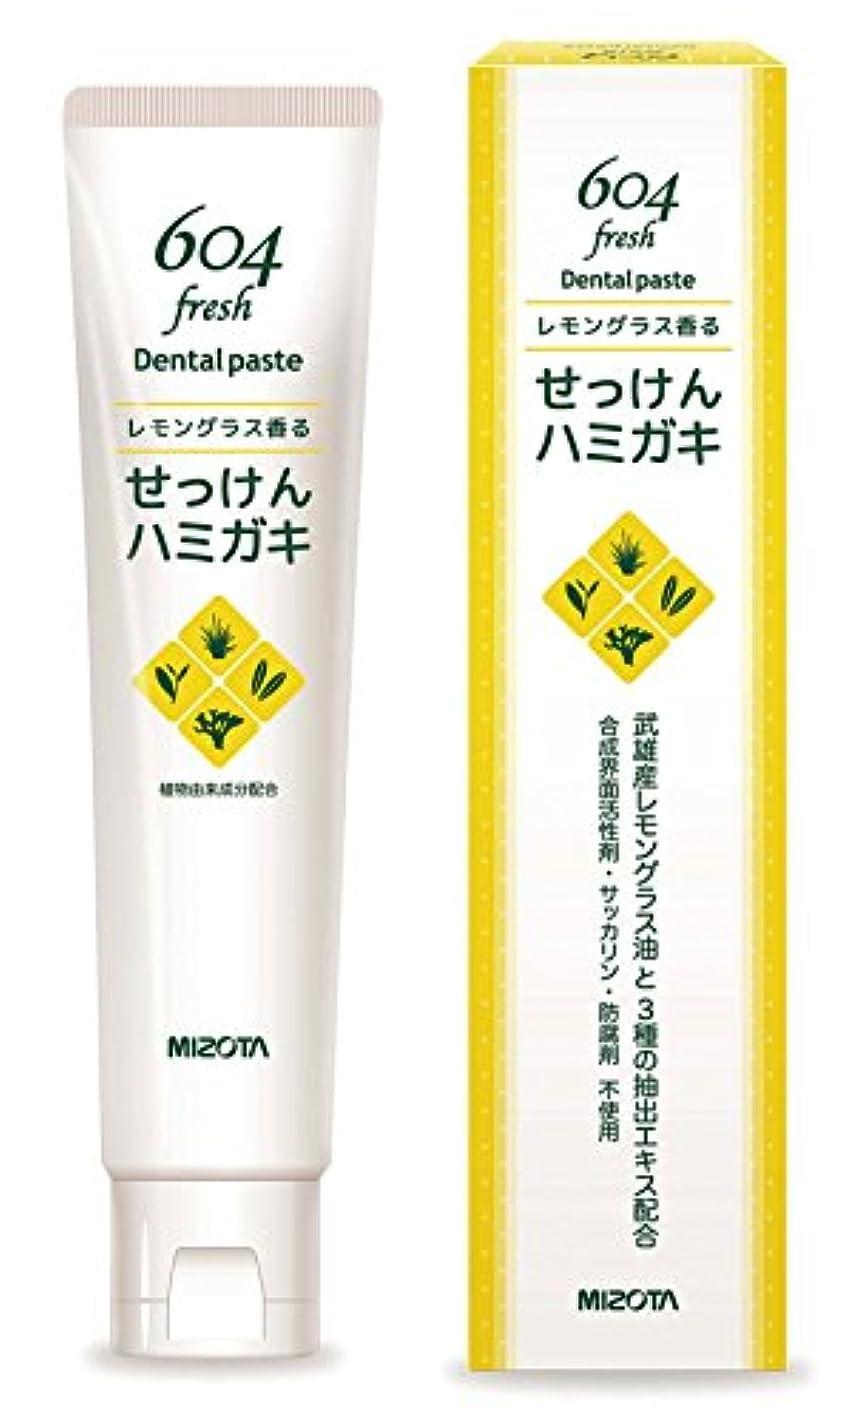 パン屋翻訳酸ミゾタ604石鹸ハミガキ